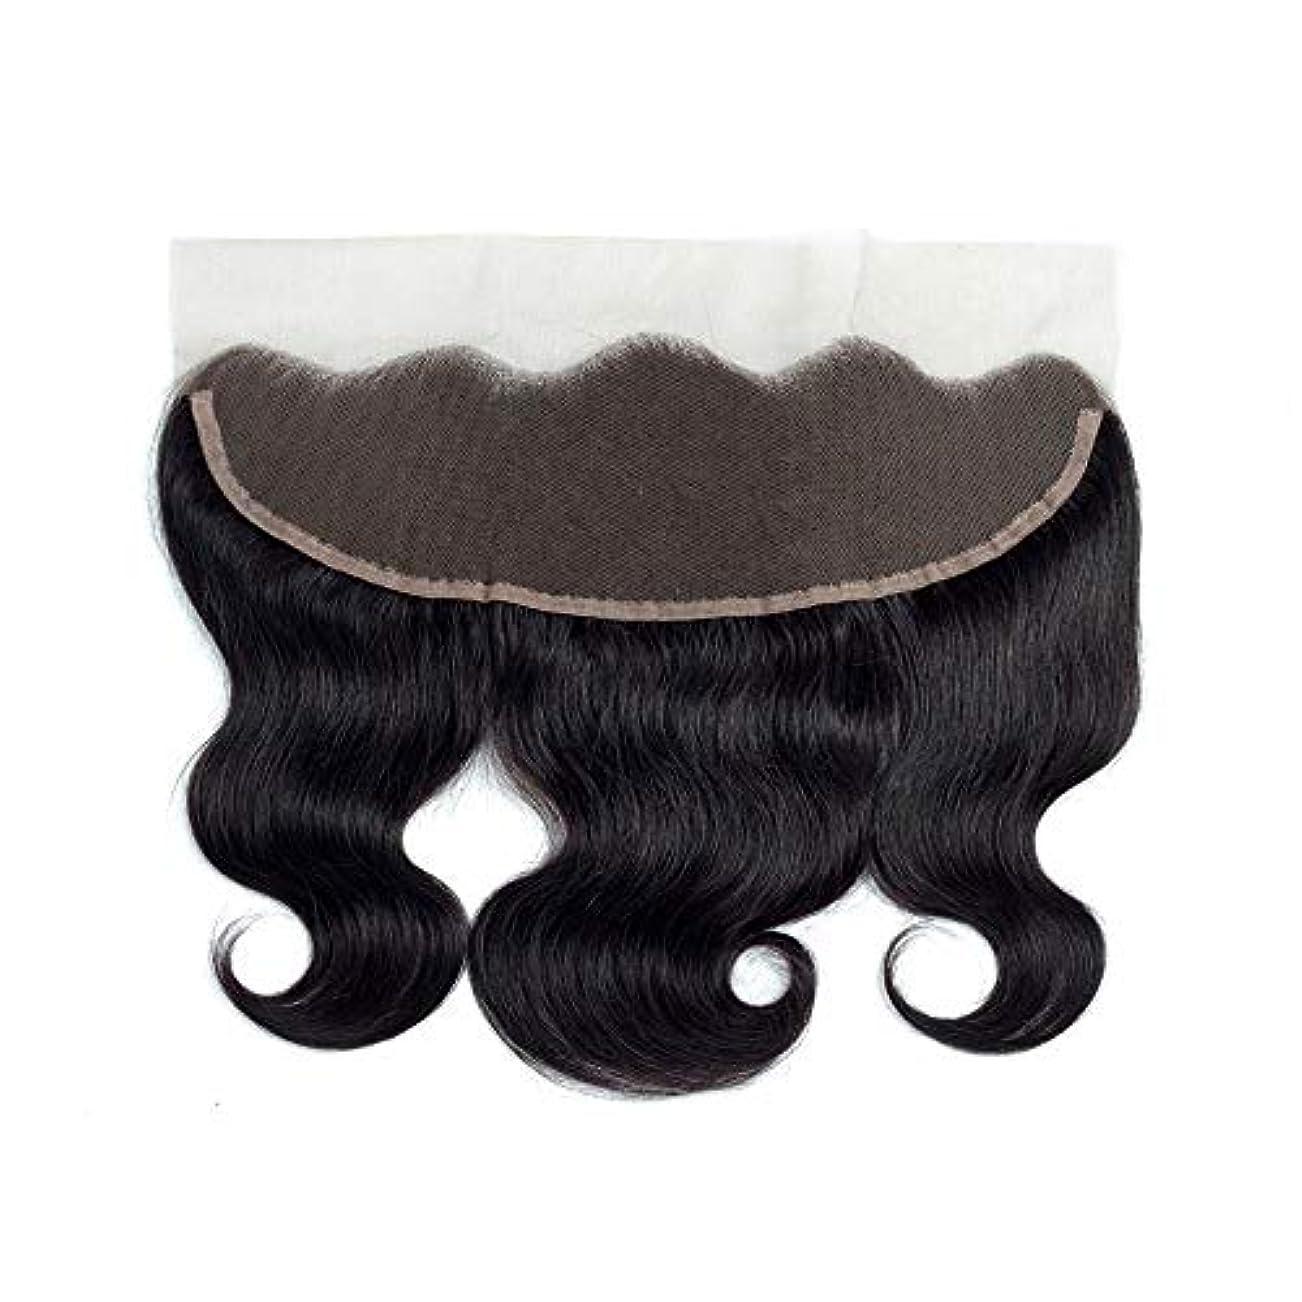 風刺ブロック論文WASAIO 閉鎖前頭ボディウェーブ人間の拡張クリップUnseamed本能的ブラックカラー13 * 4レースでブラジルの髪 (色 : 黒, サイズ : 8 inch)